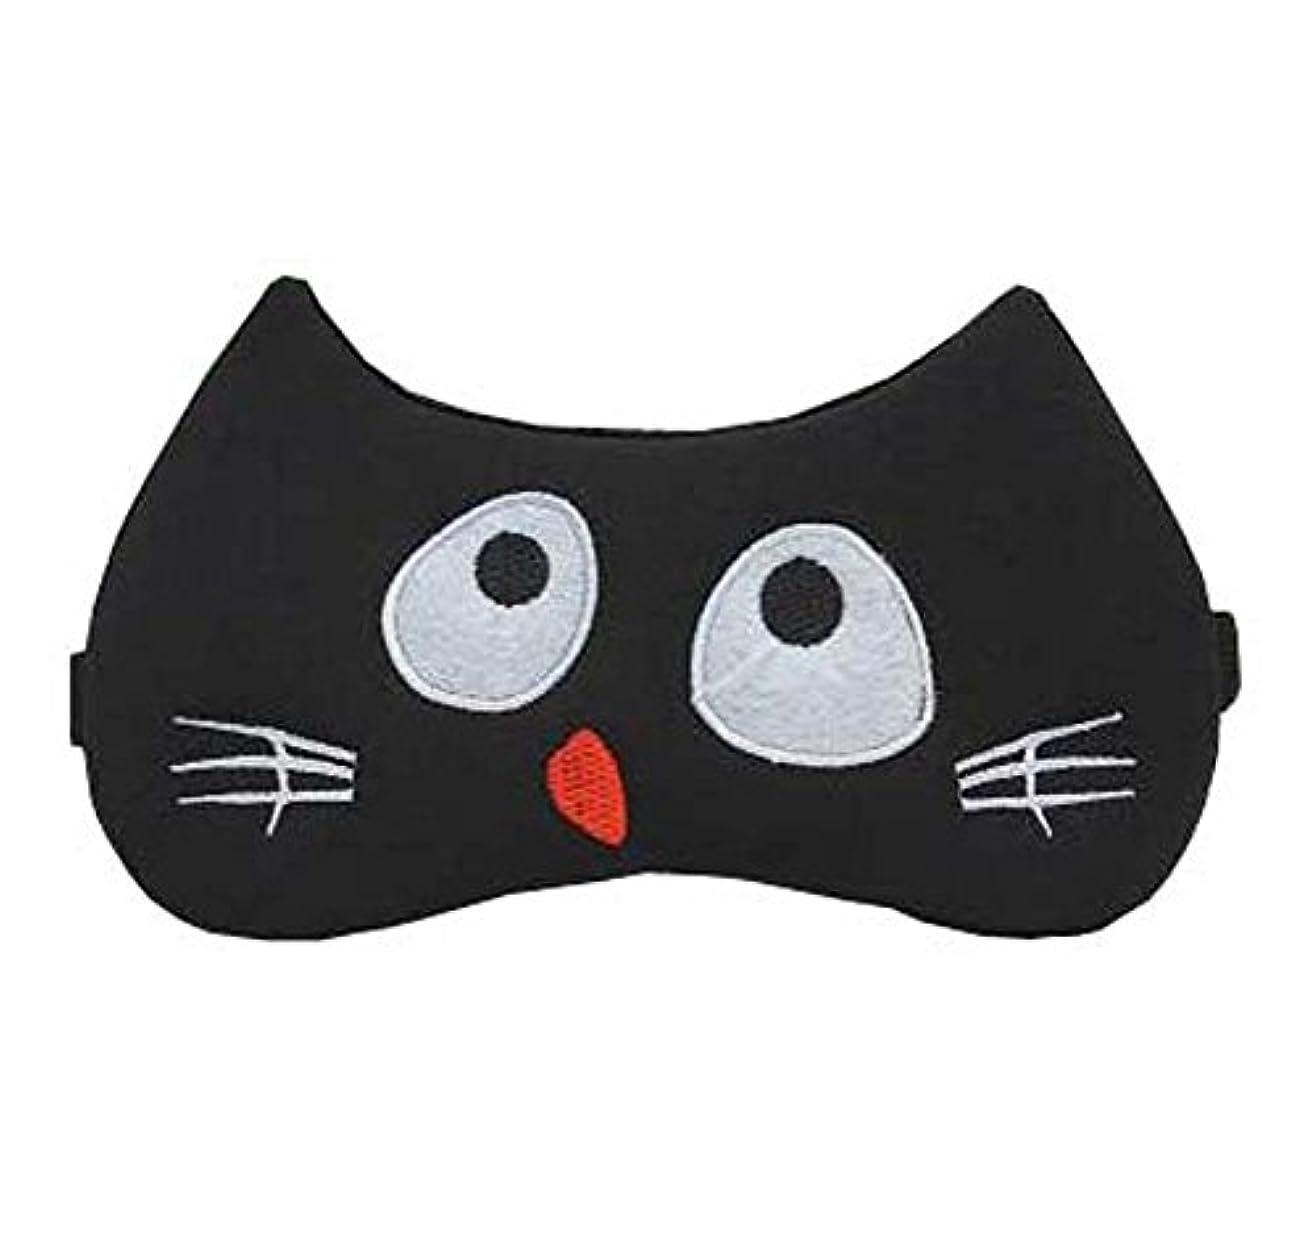 プロトタイプカートリッジ定義する快適なかわいい目のマスクは、睡眠の作業のための不眠症とストレスを軽減し、D